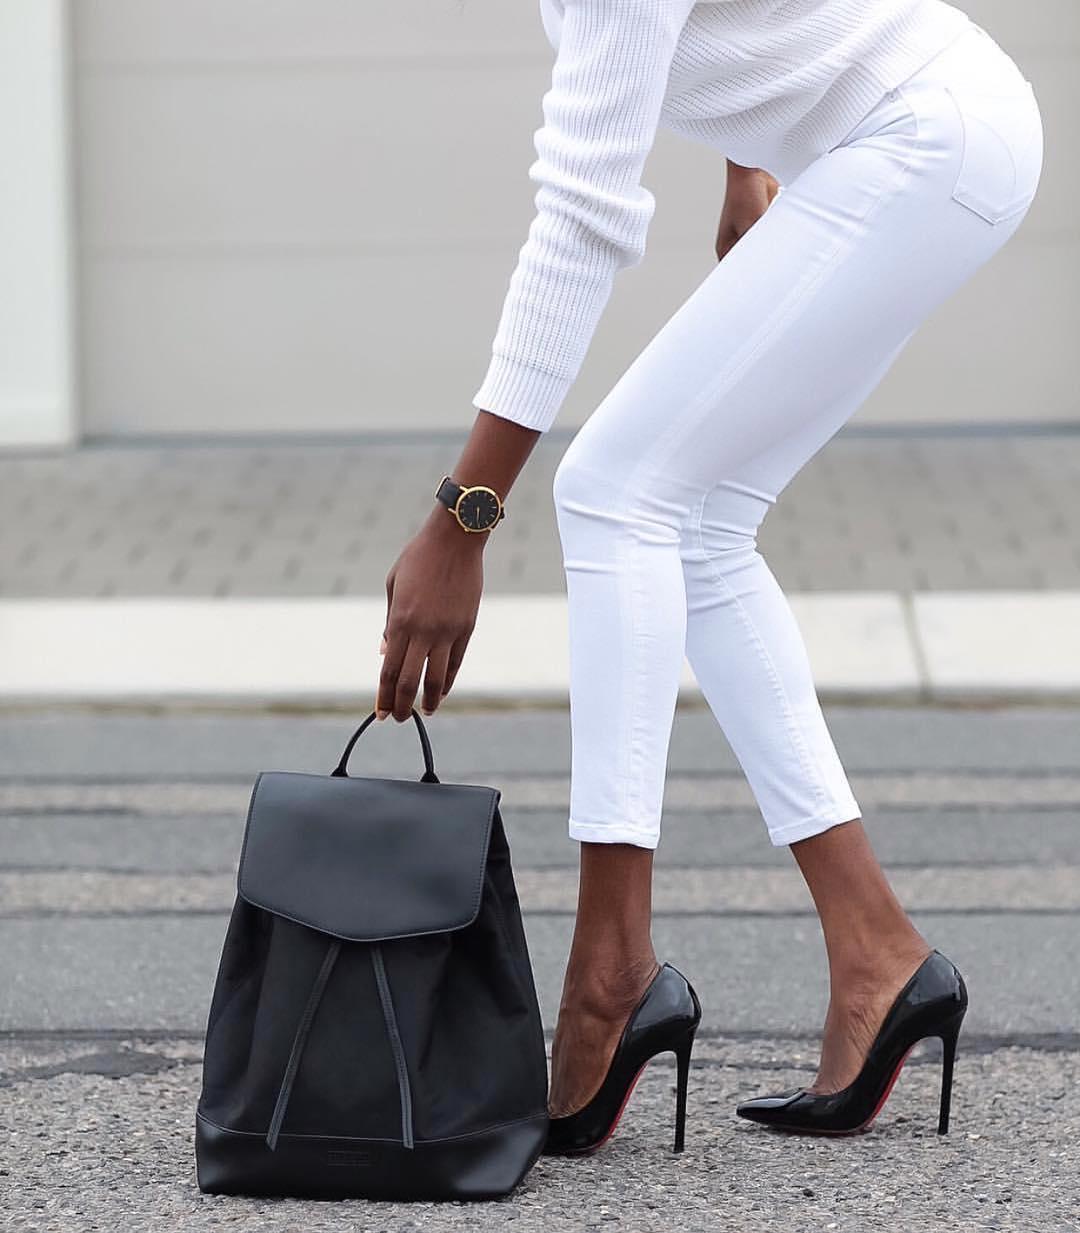 К лету — во всеоружии: 16 сногсшибательных образов с белыми брюками